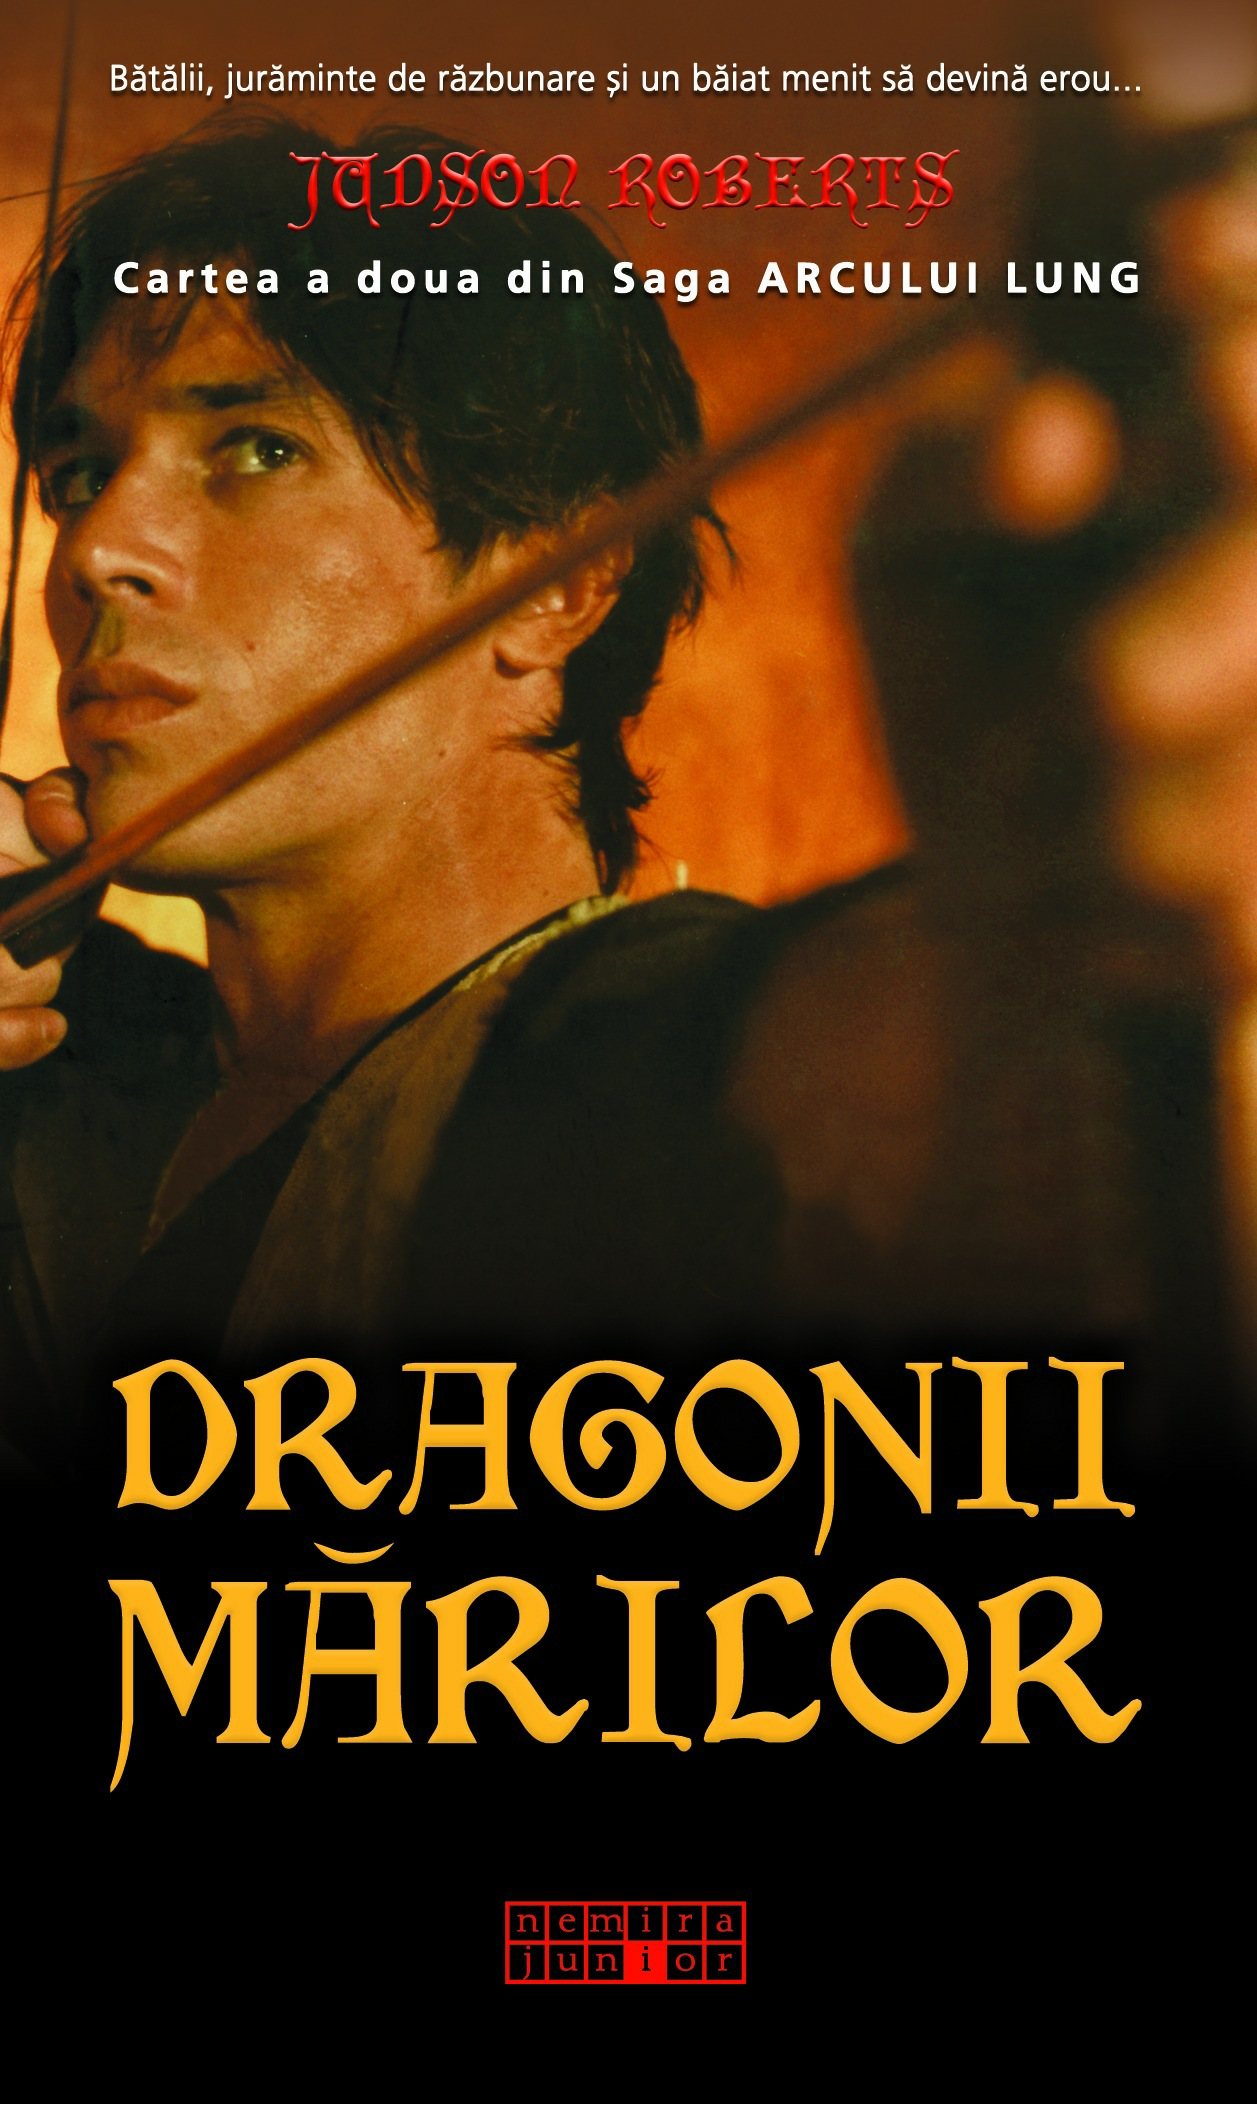 judson-roberts_dragonii-marilor2